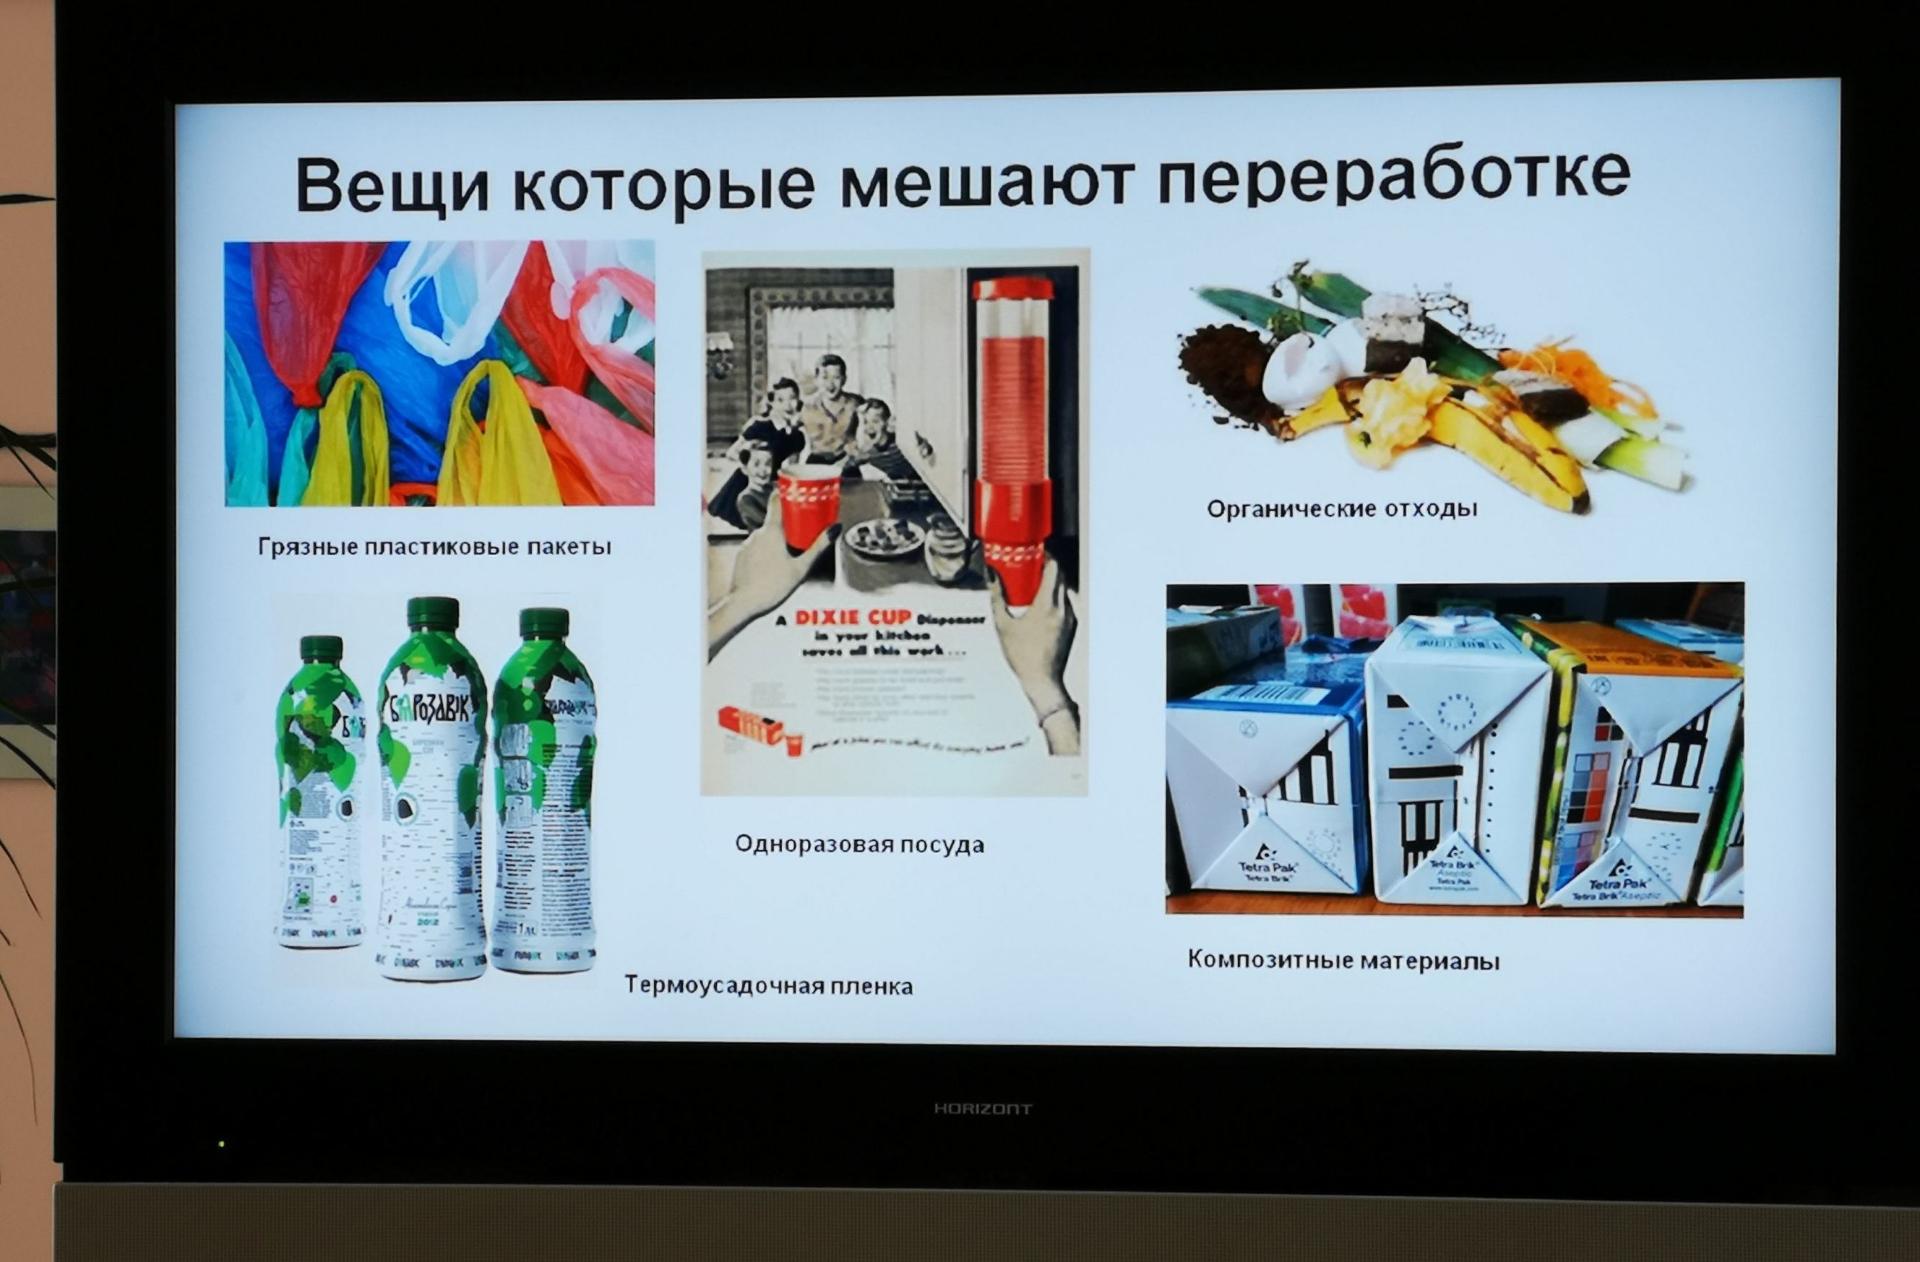 Продукты переработки мусора